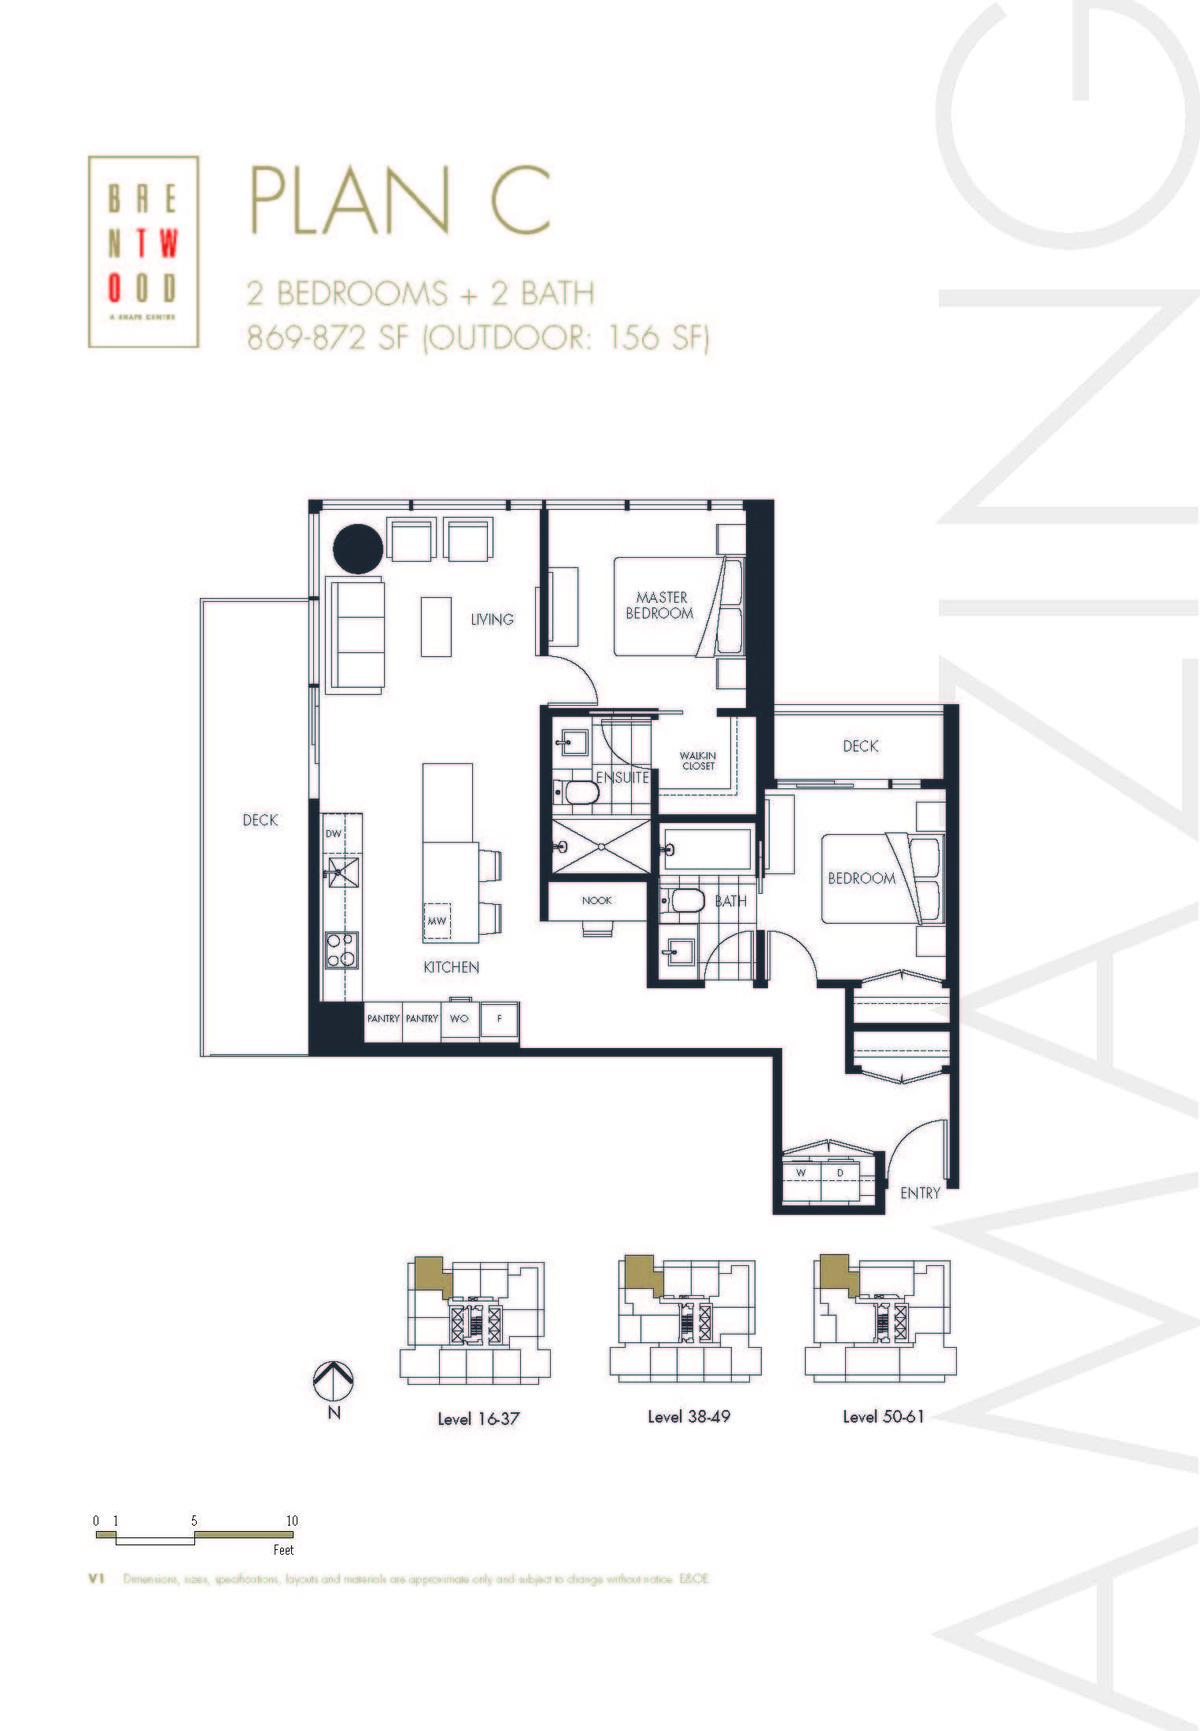 Brentwood_Tower2_Floor Plan_Page_11.jpg